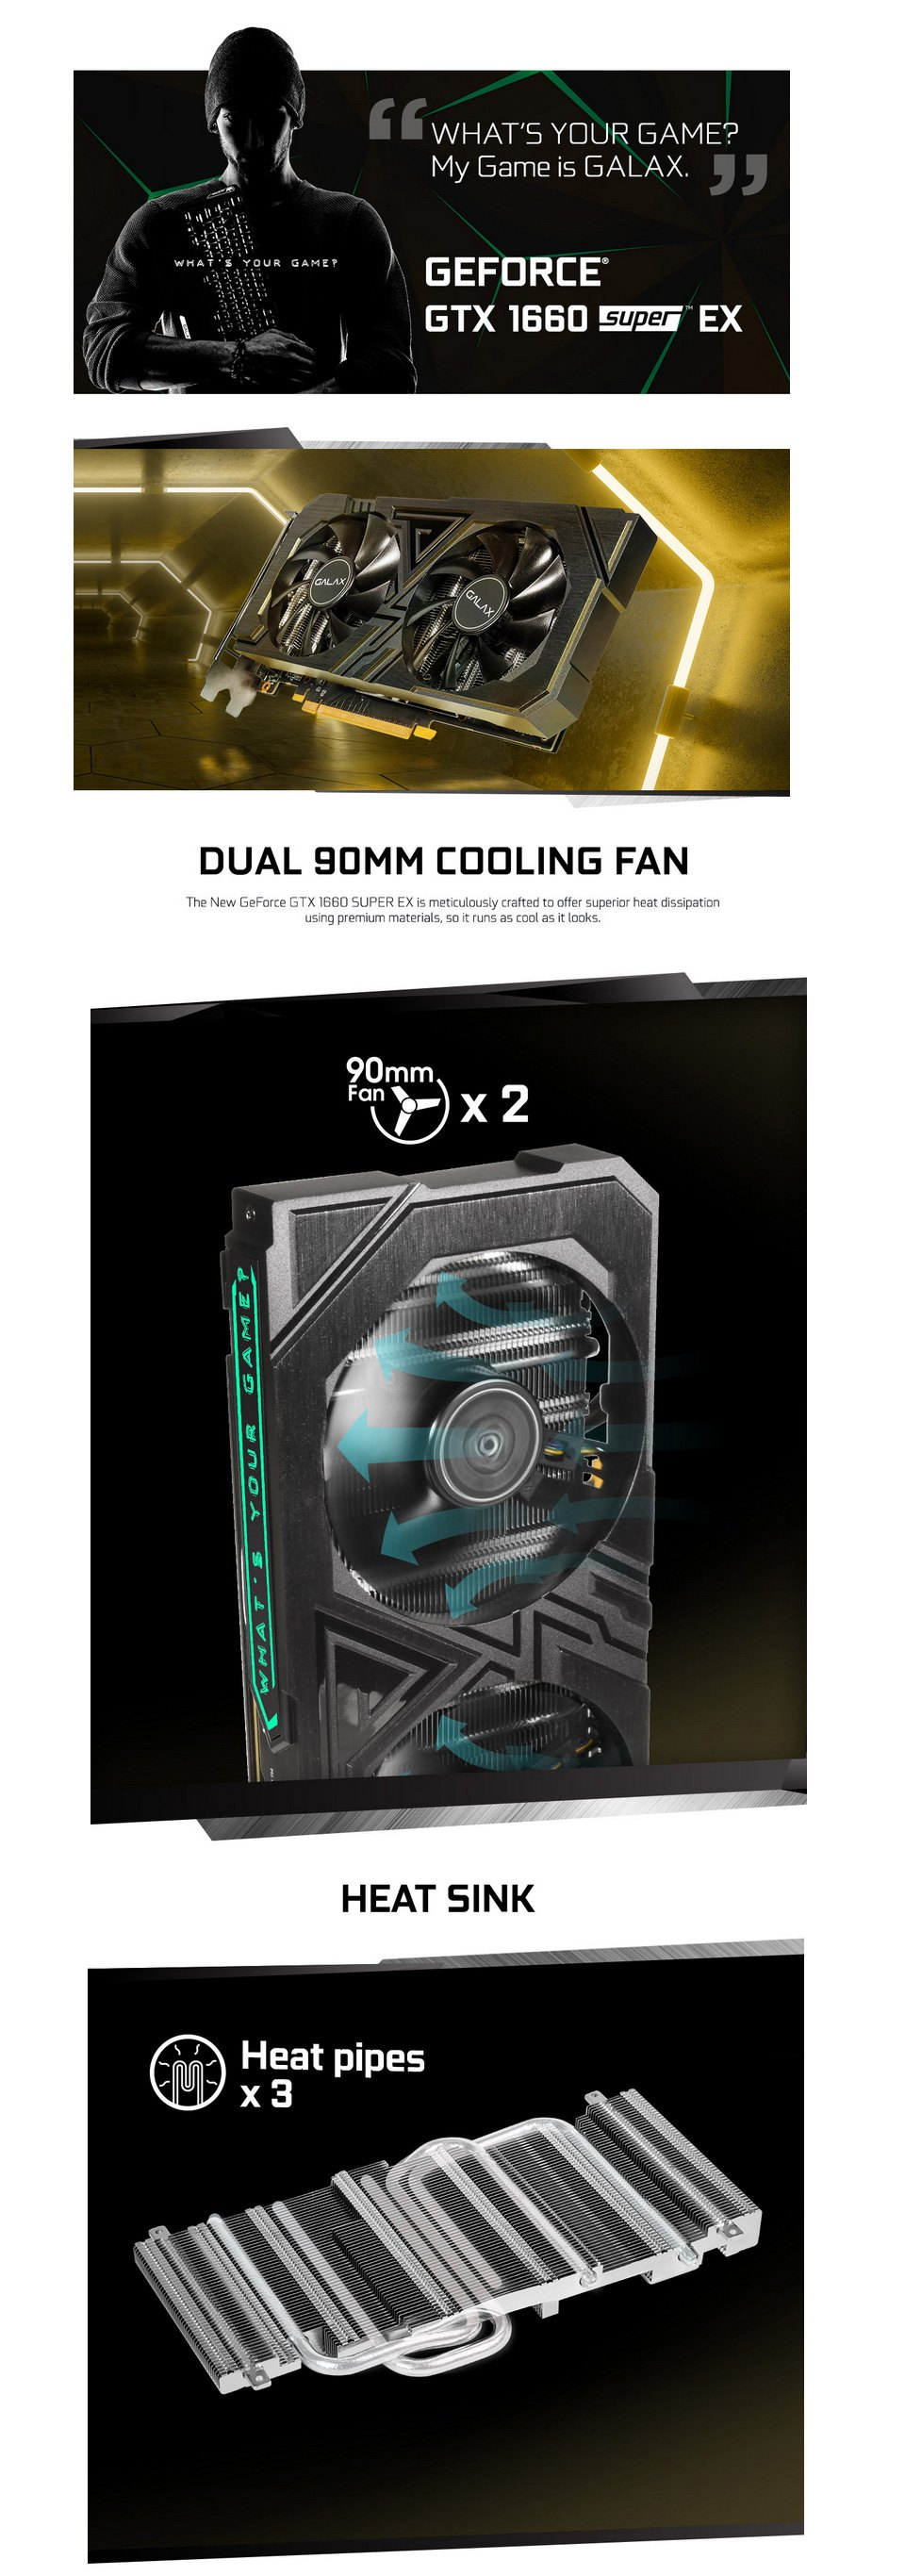 Galax GeForce GTX 1660 Super EX 1-Click OC 6GB features